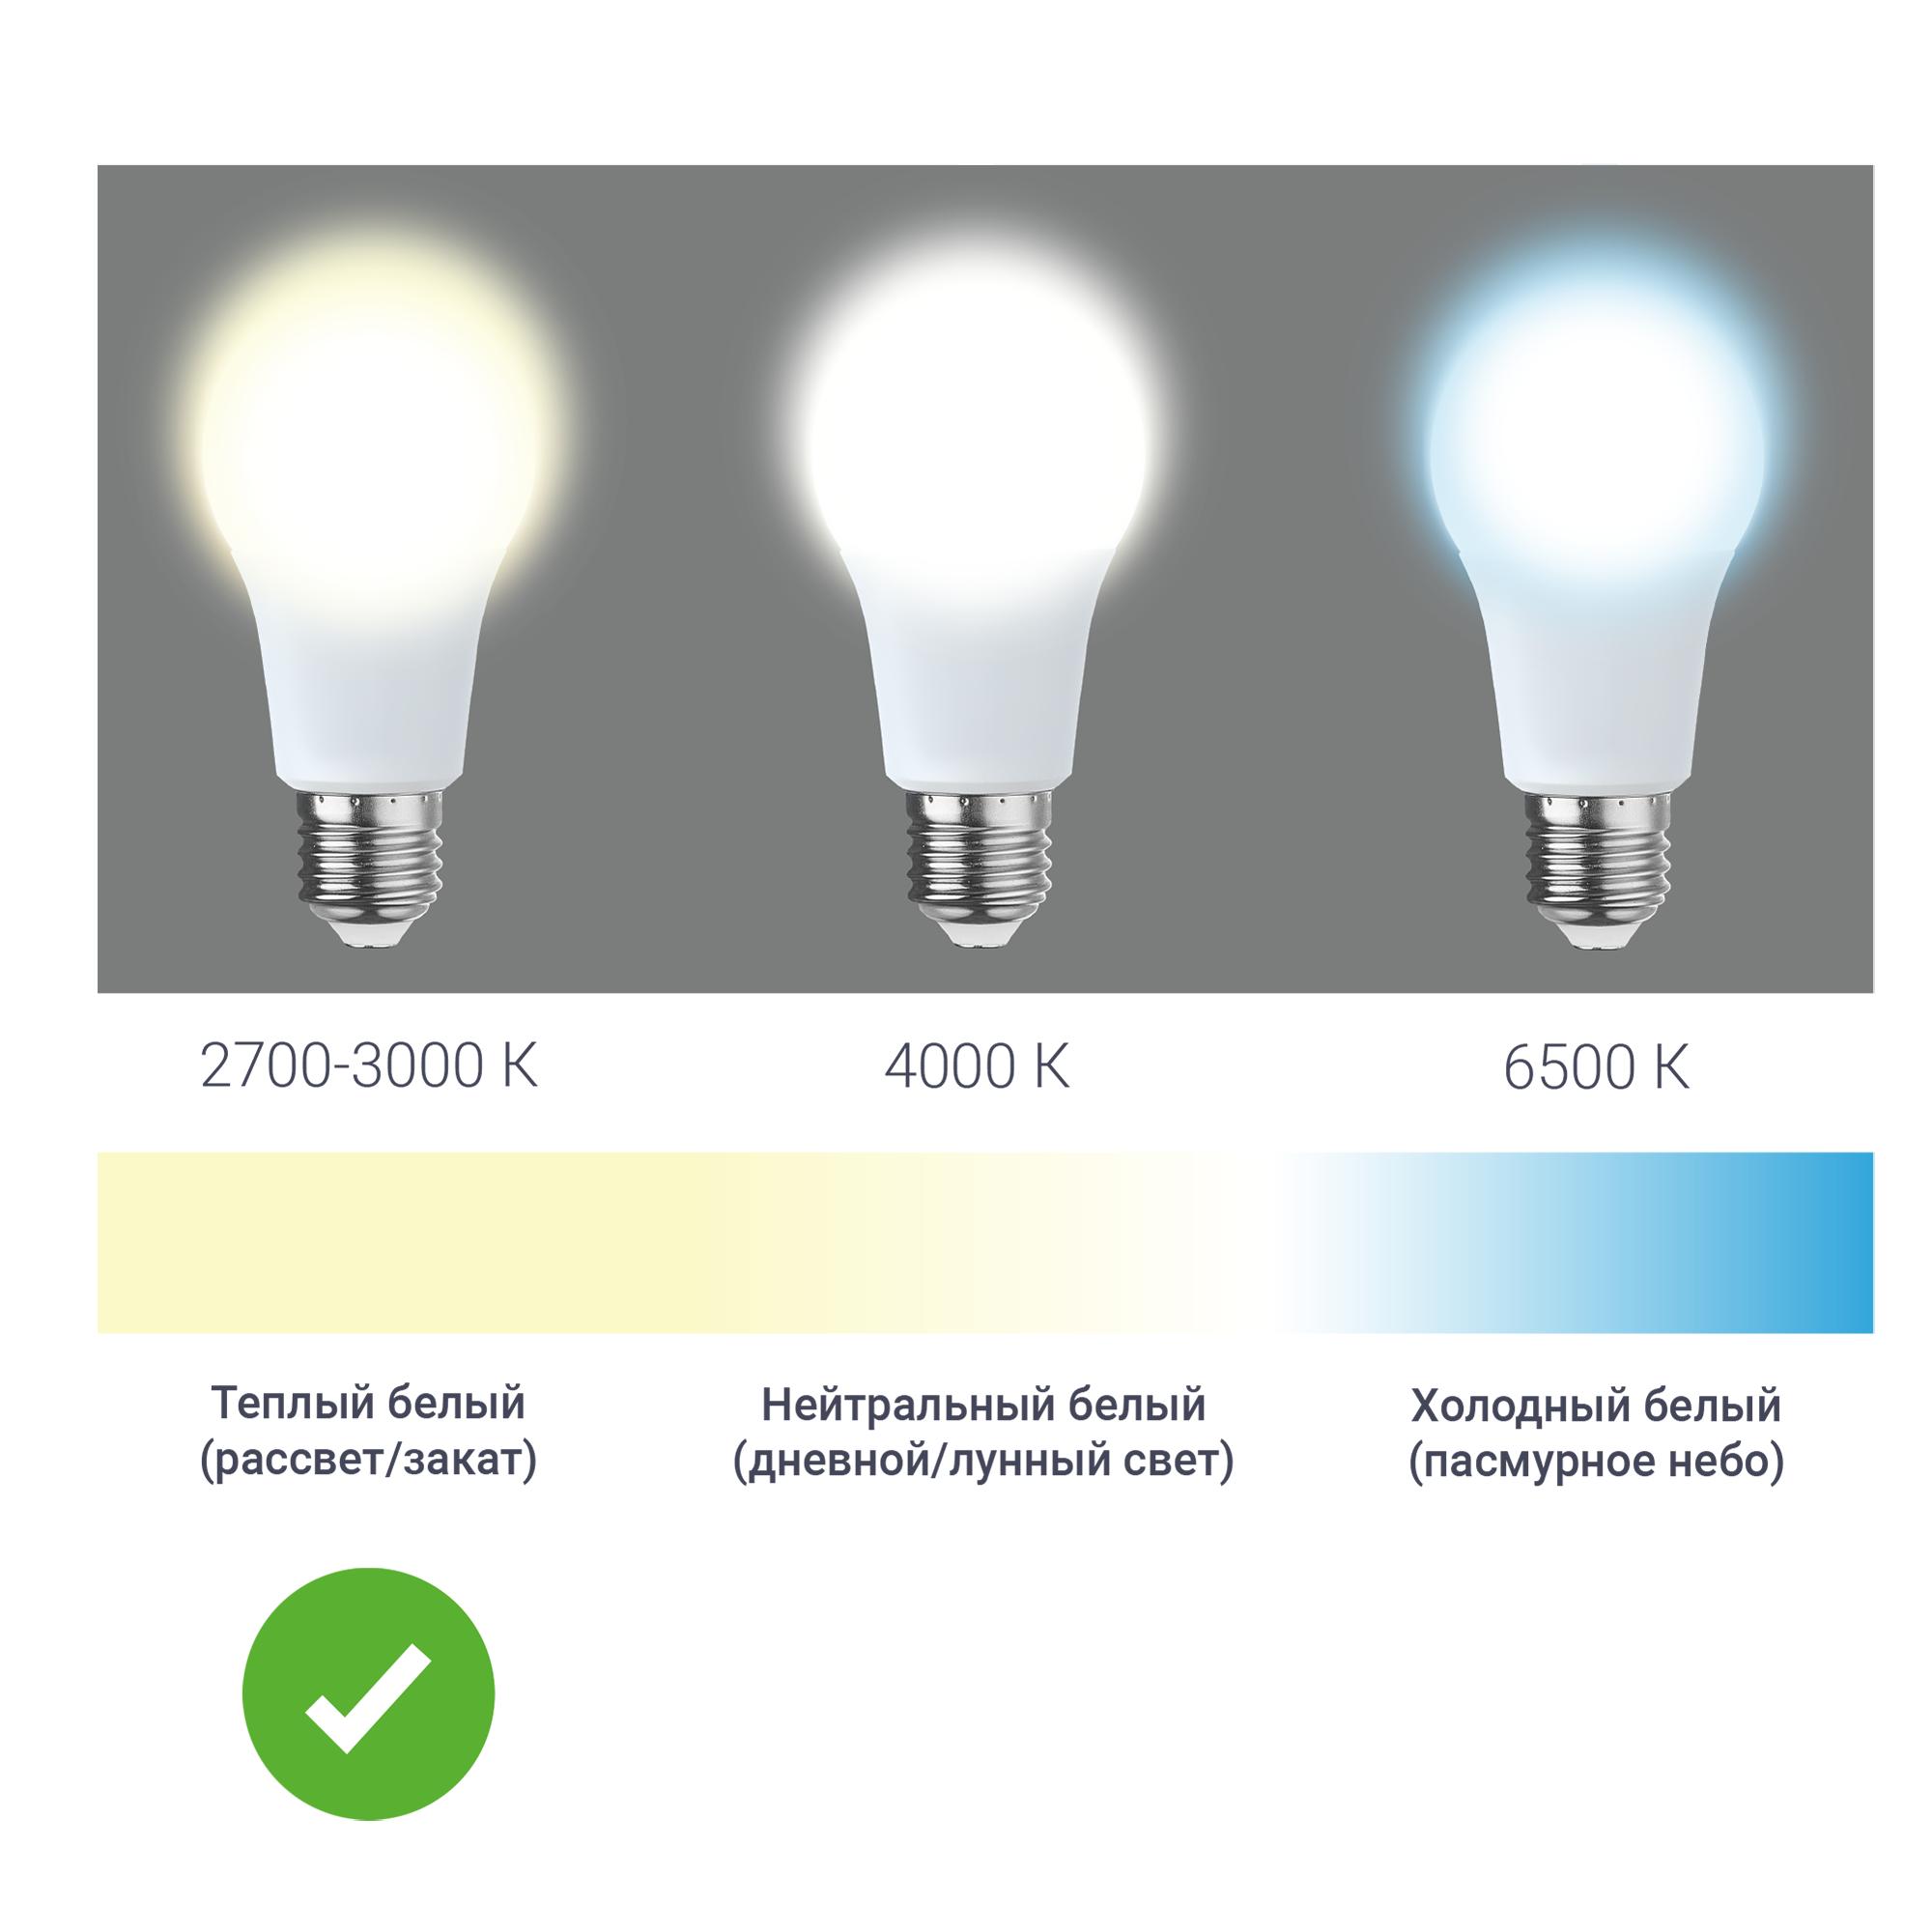 Лампа светодиодная Osram Е27 220 В 7 Вт 600 лм тёплый белый свет